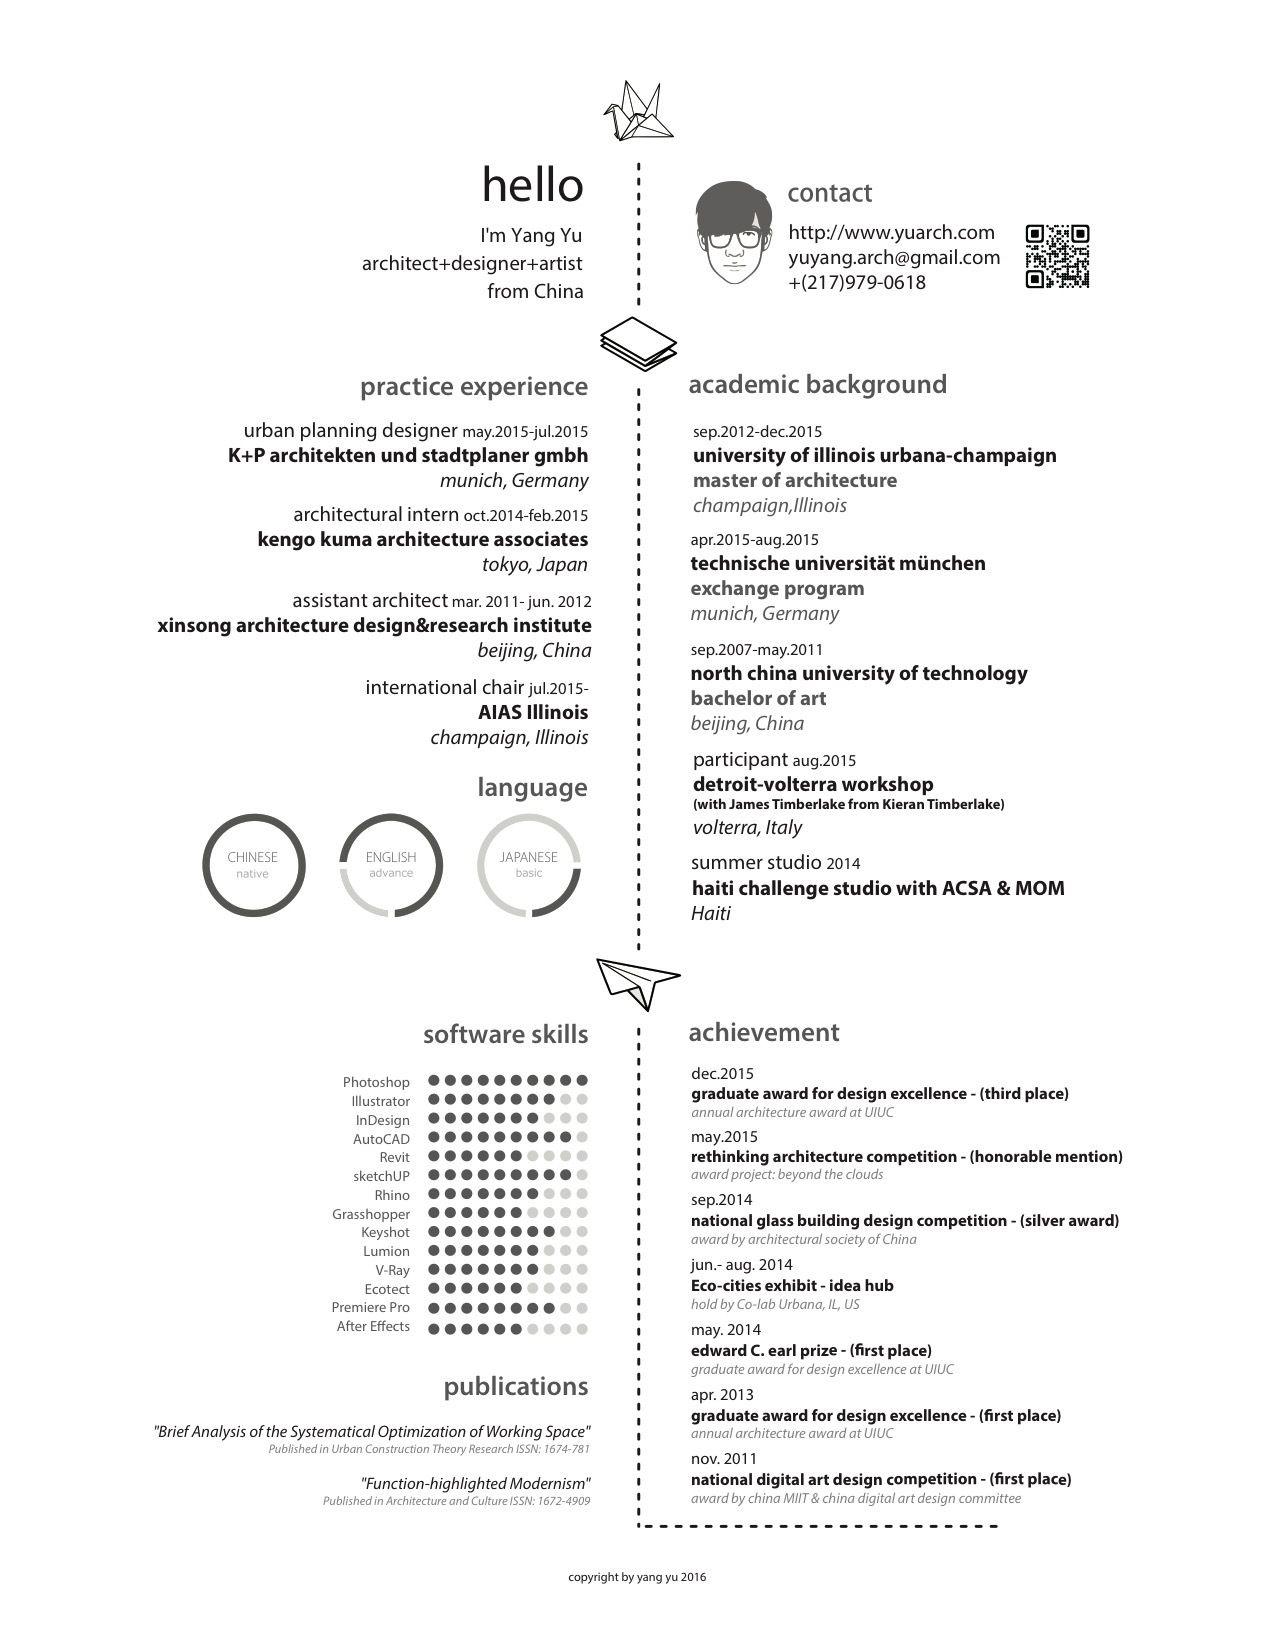 Gallery of The Top Architecture Résumé/CV Designs - 10 | Portfolio ...